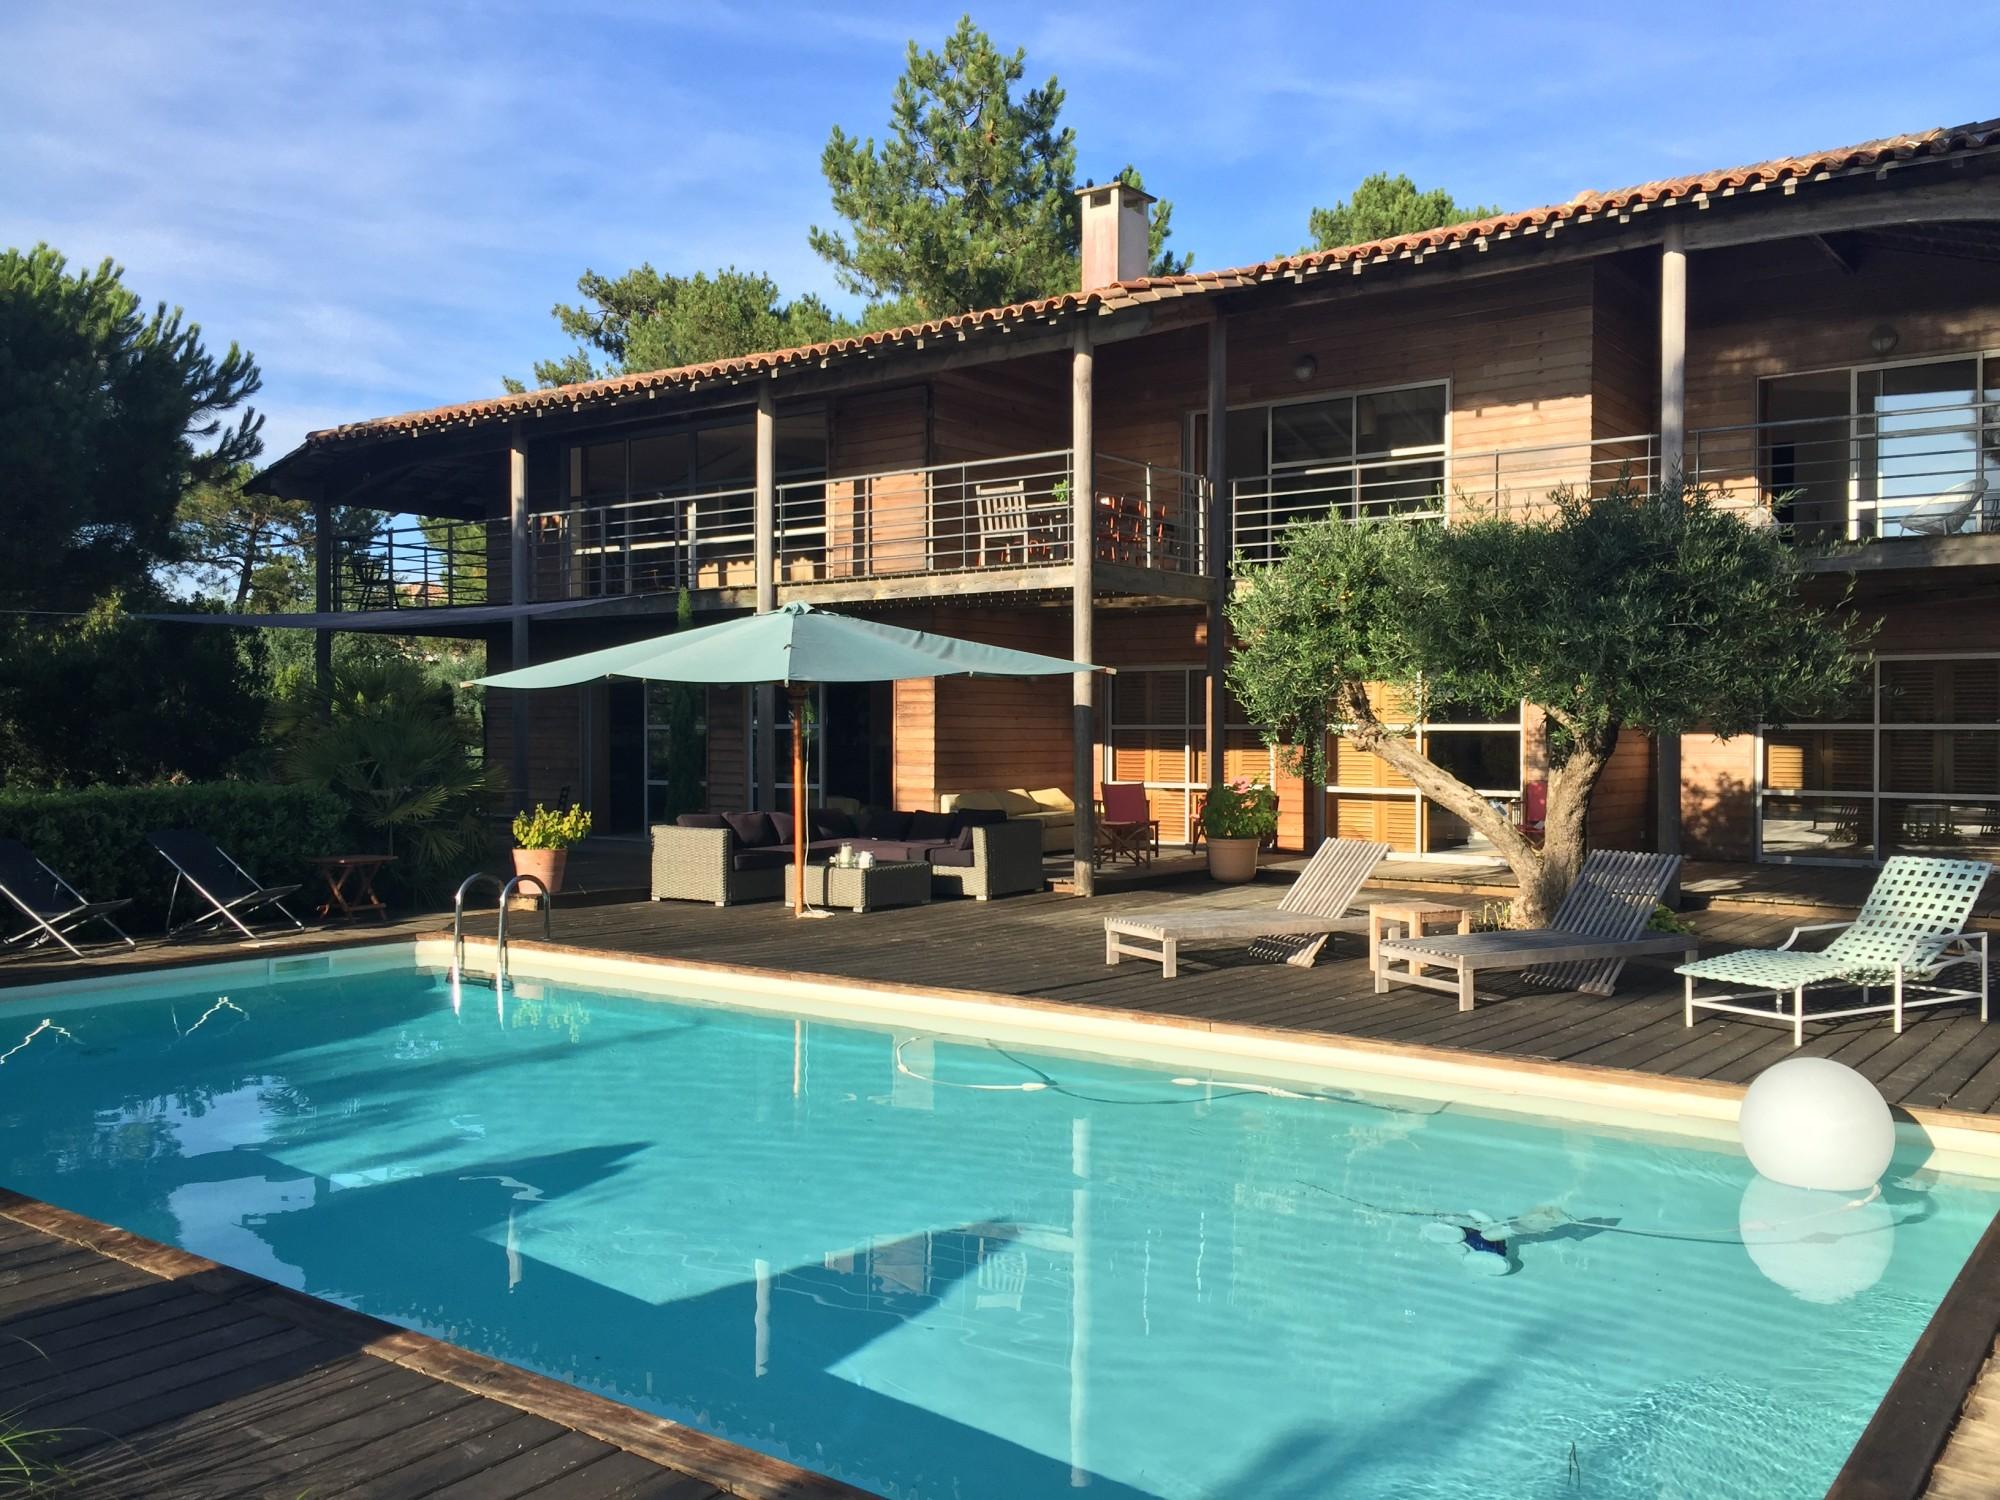 location villa familiale 12 personnes arcachon pyla 6 chambres